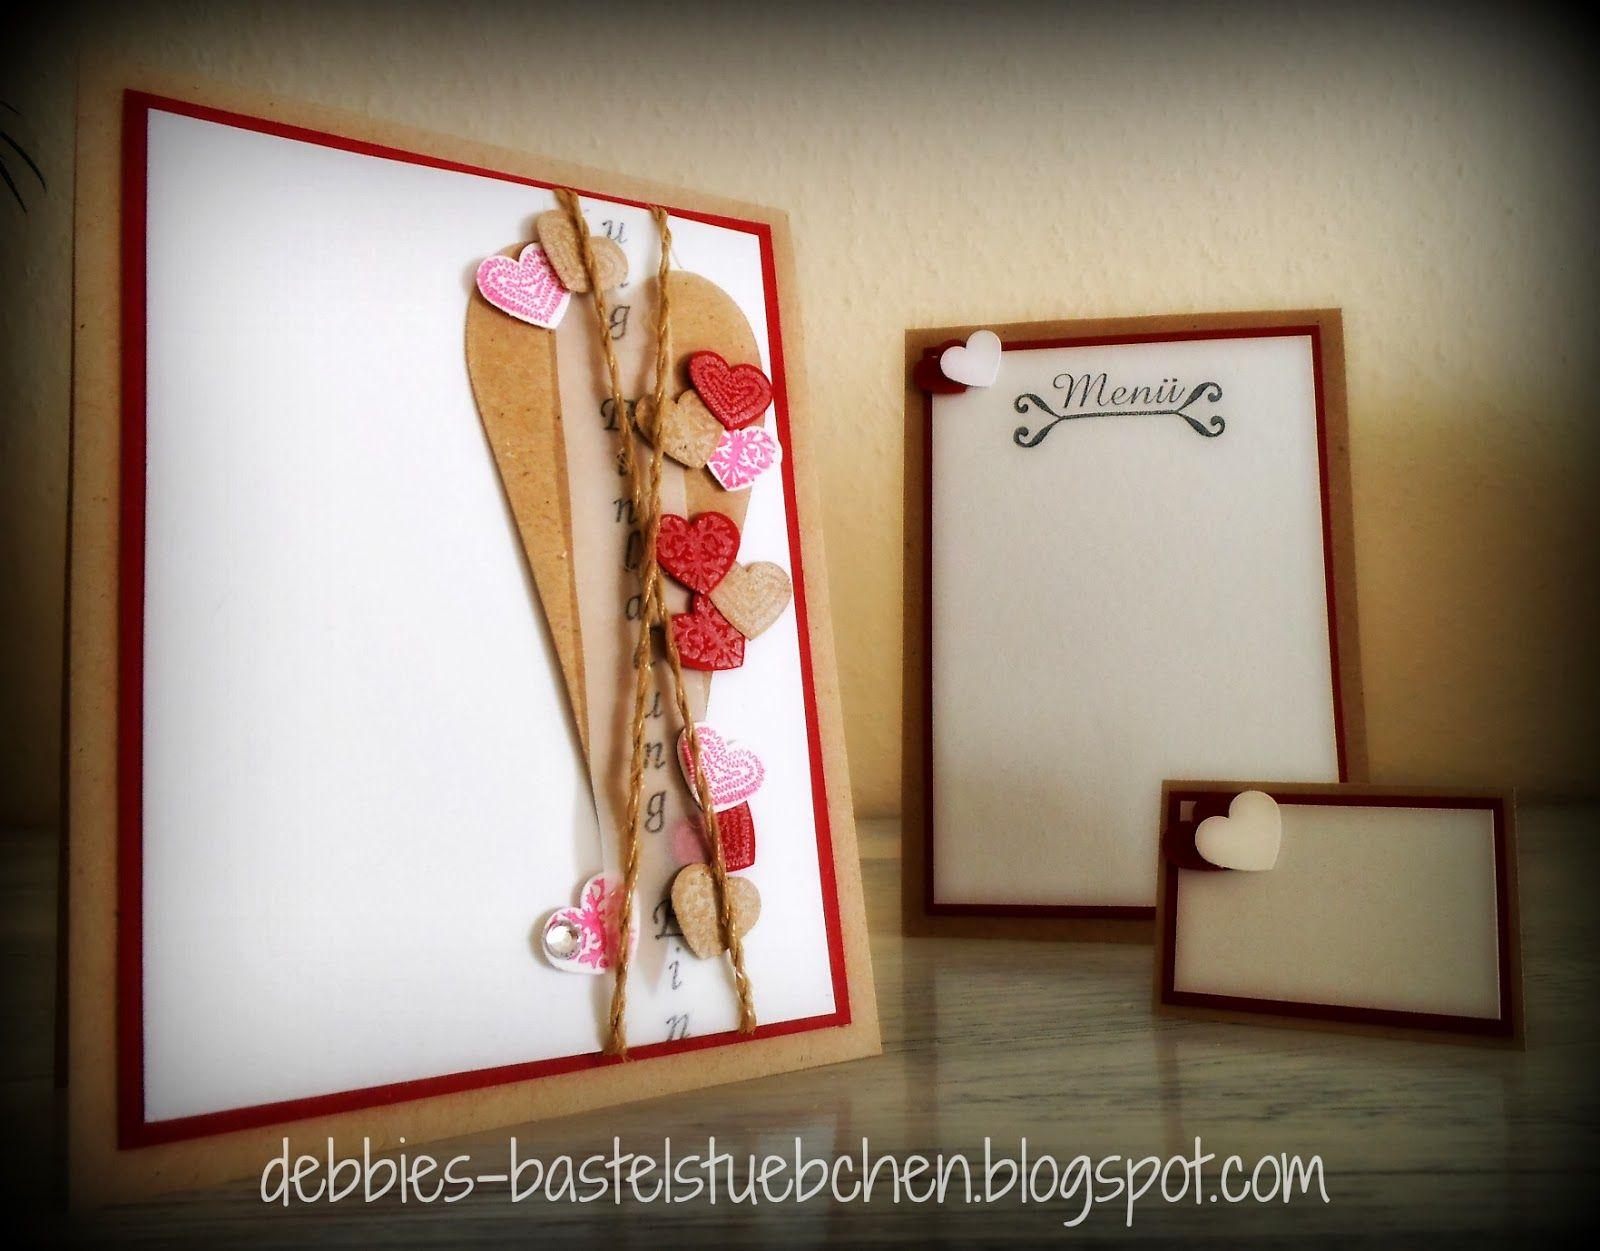 Debbies Bastelstübchen: Einladung Hochzeit Set 2 & 3